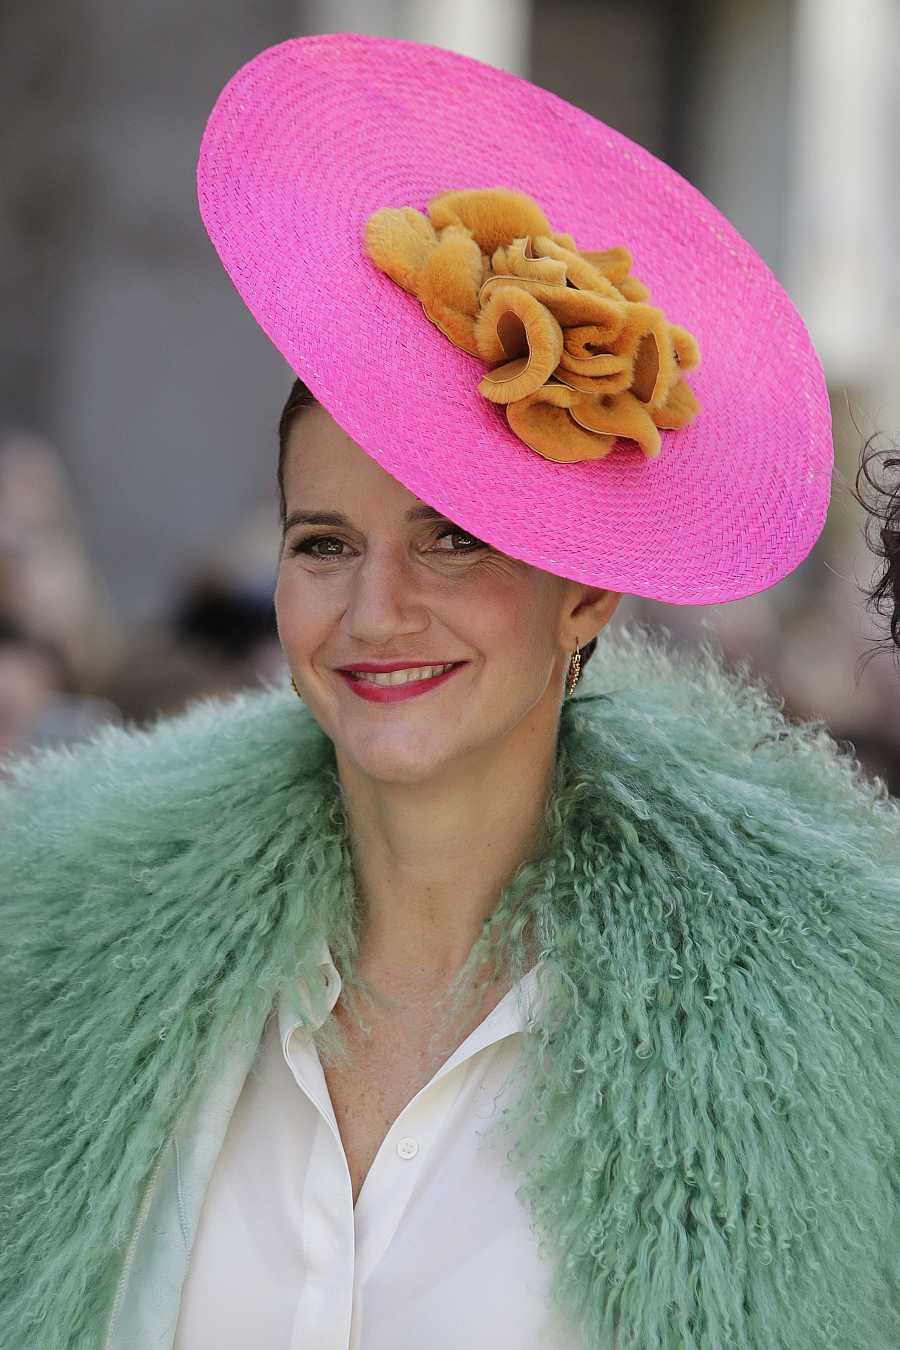 Samantha coronó el 'look' con una pamela fucsia con peletería de la diseñadora Elena Benarroch